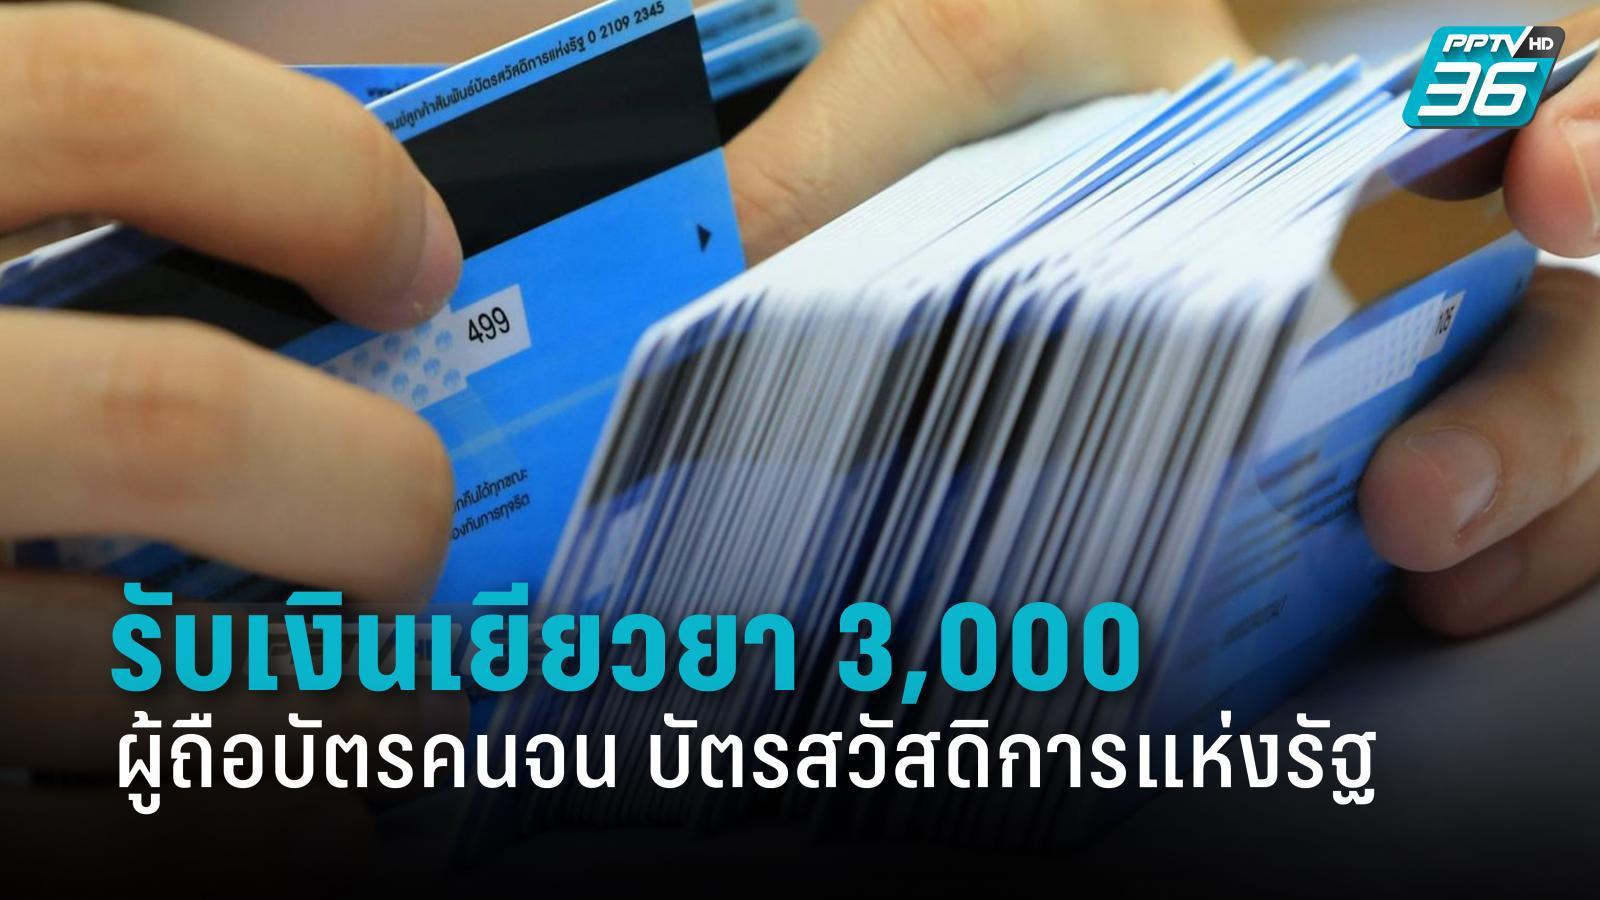 ไม่ต้องลงทะเบียน !! เพียงถือบัตรคนจน บัตรสวัสดิการแห่งรัฐ รับเงินเยียวยา 3,000 บาท